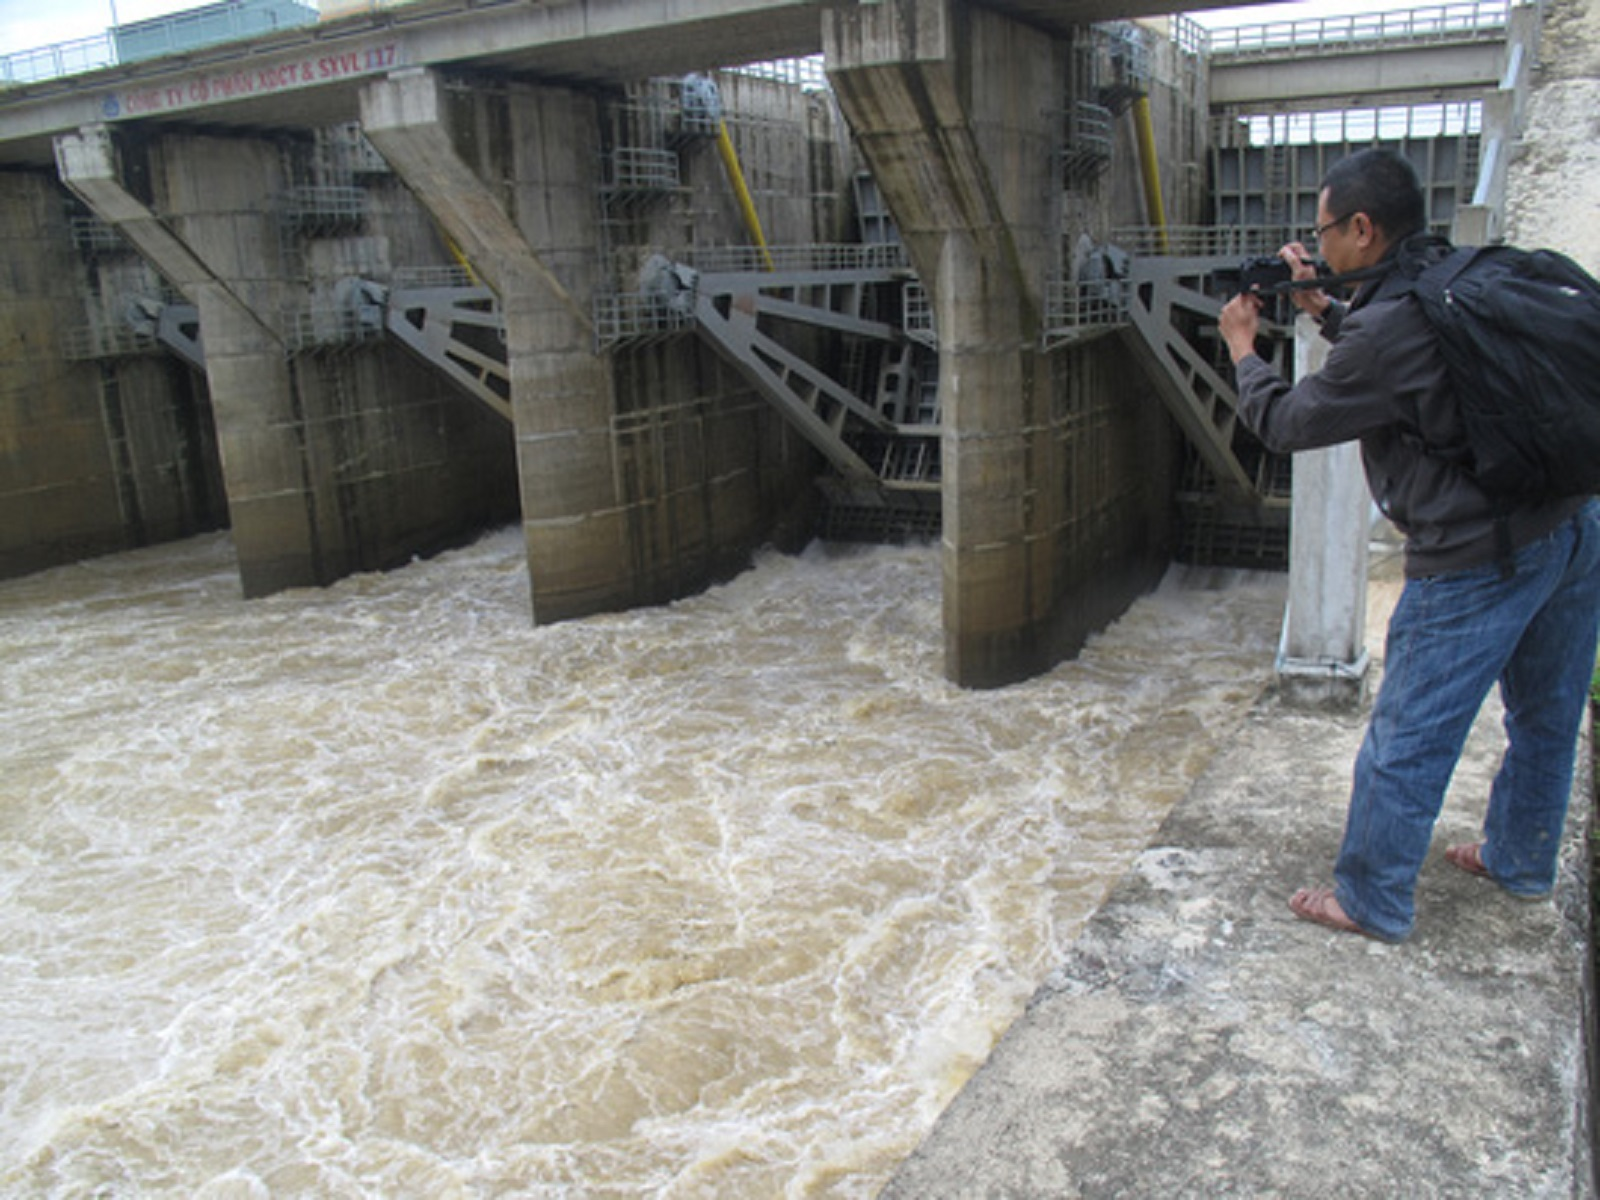 Gia Lai: Thủy điện An Khê - Kanak nhận thiếu sót trong thông báo xả lũ